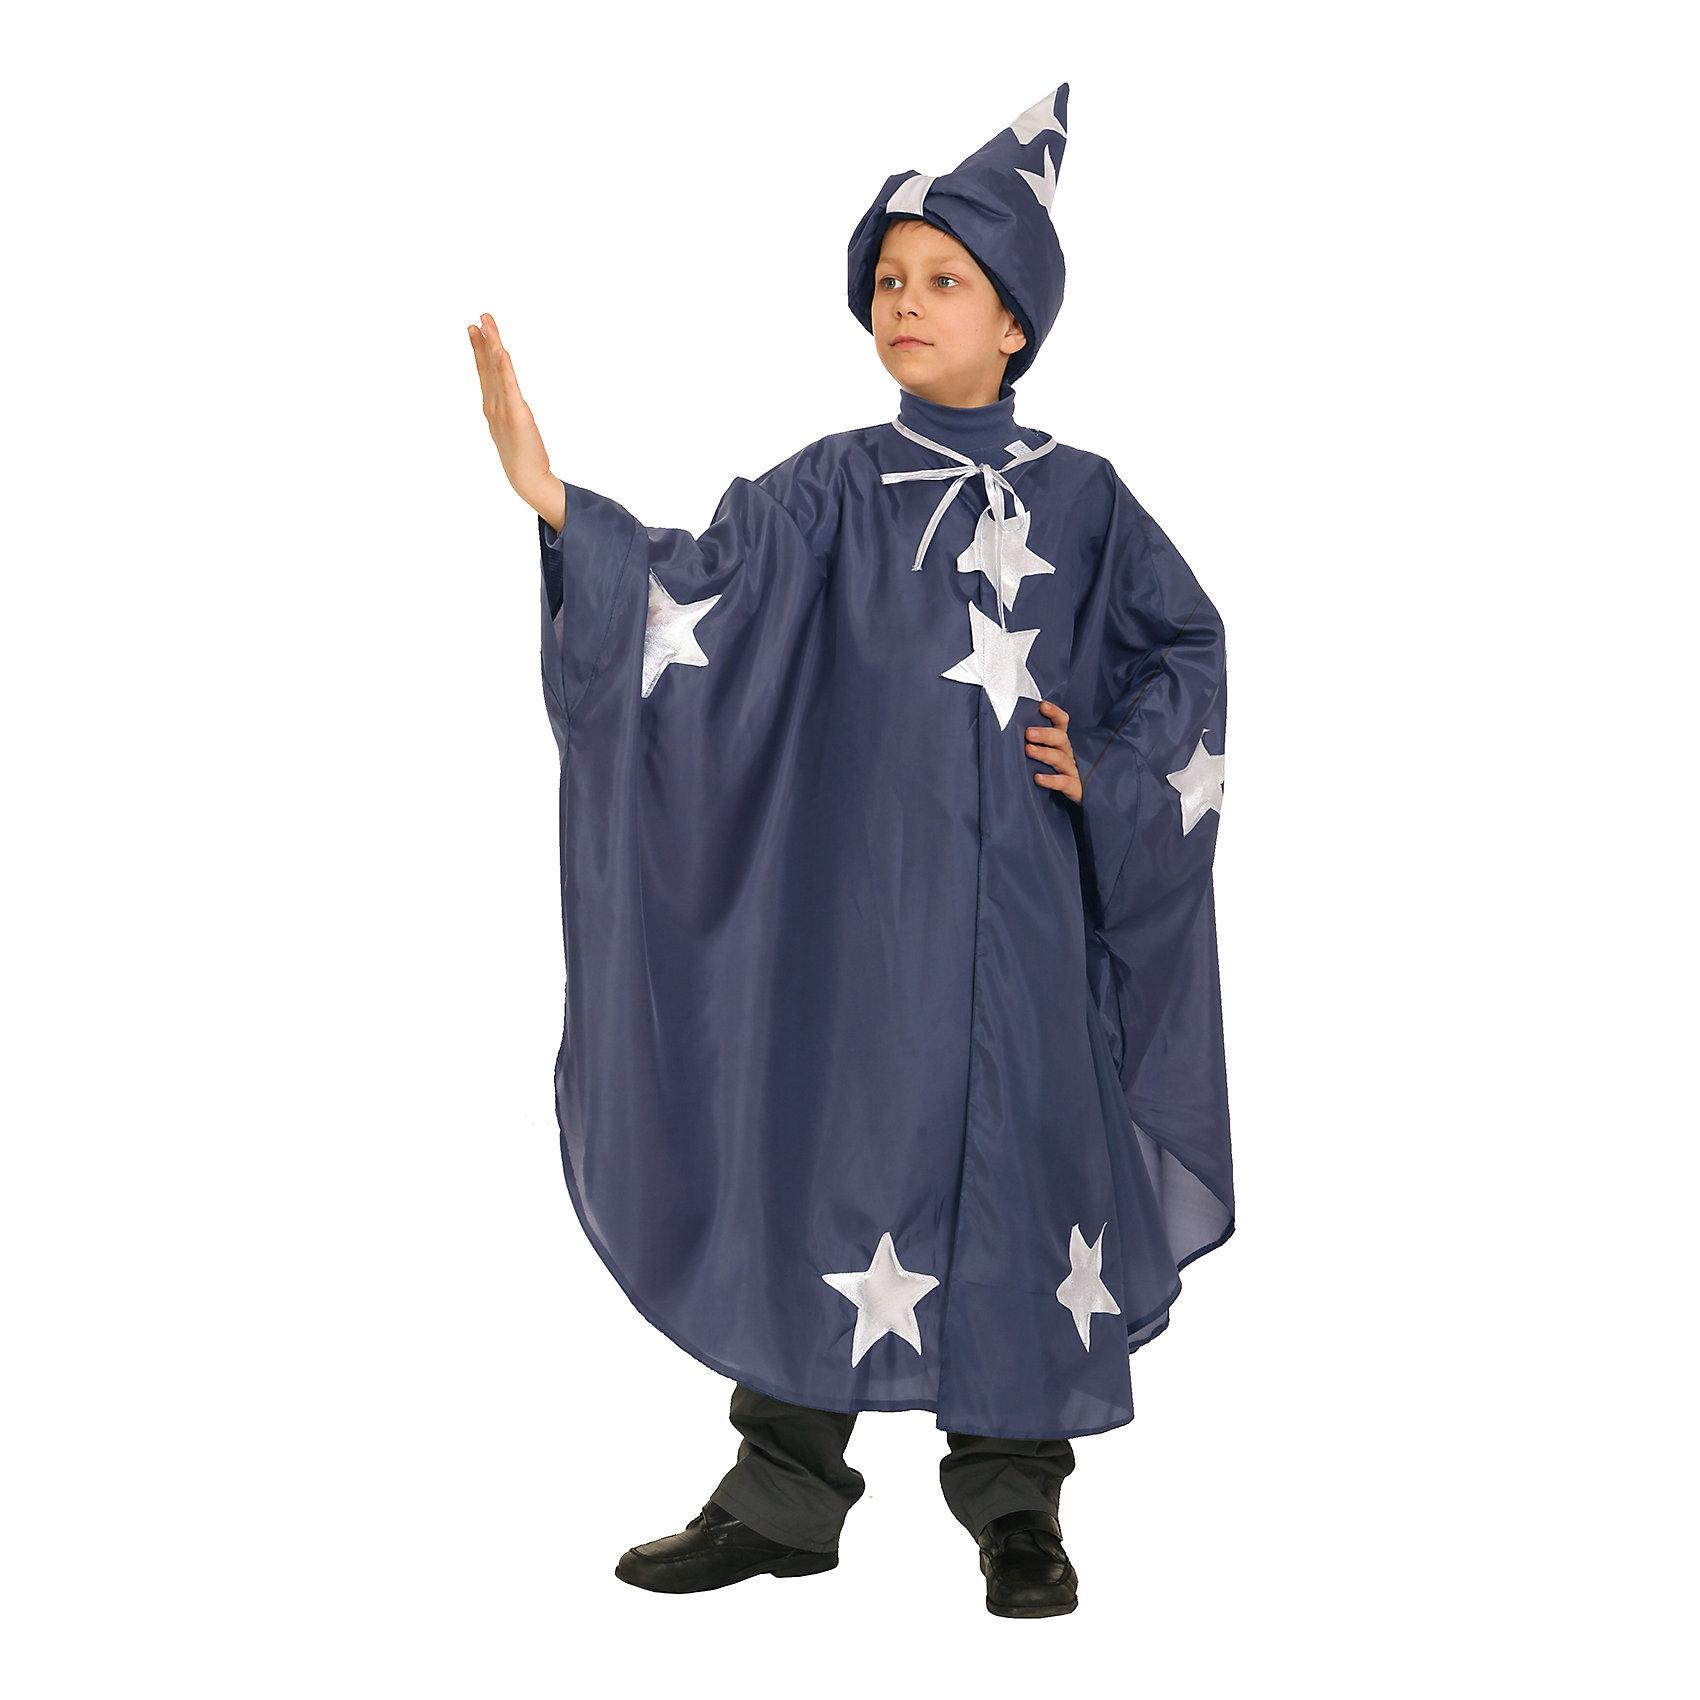 Карнавальный костюм для мальчика Звездочет, ВестификаКарнавальный костюм Звездочет любят и мальчики и девочки. Костюм состоит из широкого плаща, украшенного аппликацией из серебряной парчи. Плащ фиксируется липучками. дополняет костюм колпак, подбитый синтепоном и снабженный подкладкой из хлопчатобумажной ткани. Костюм Звездочета отлично подойдет для утренника в детском саду, костюмированных праздников, новогодних огоньков. Рекомендуем дополнить костюм темными брюками, рубашкой и ботинками в тон брюк.<br><br>Дополнительная информация:<br><br>Комплектация:<br>Плащ их крепсатина со звездами<br>Колпак из крепсатина<br>Ткани:<br>Крепсатин (100% полиэстер)<br>Синтепон (100% полиэстер)<br>Бязь (100% хлопок)<br>Стрейч-парча (95% полиэстер, 5% эластан)<br><br>Карнавальный костюм для мальчика Звездочет, Вестифика можно купить в нашем магазине.<br><br>Ширина мм: 236<br>Глубина мм: 16<br>Высота мм: 184<br>Вес г: 150<br>Цвет: разноцветный<br>Возраст от месяцев: 72<br>Возраст до месяцев: 84<br>Пол: Мужской<br>Возраст: Детский<br>Размер: 116/122,128/134<br>SKU: 4389242